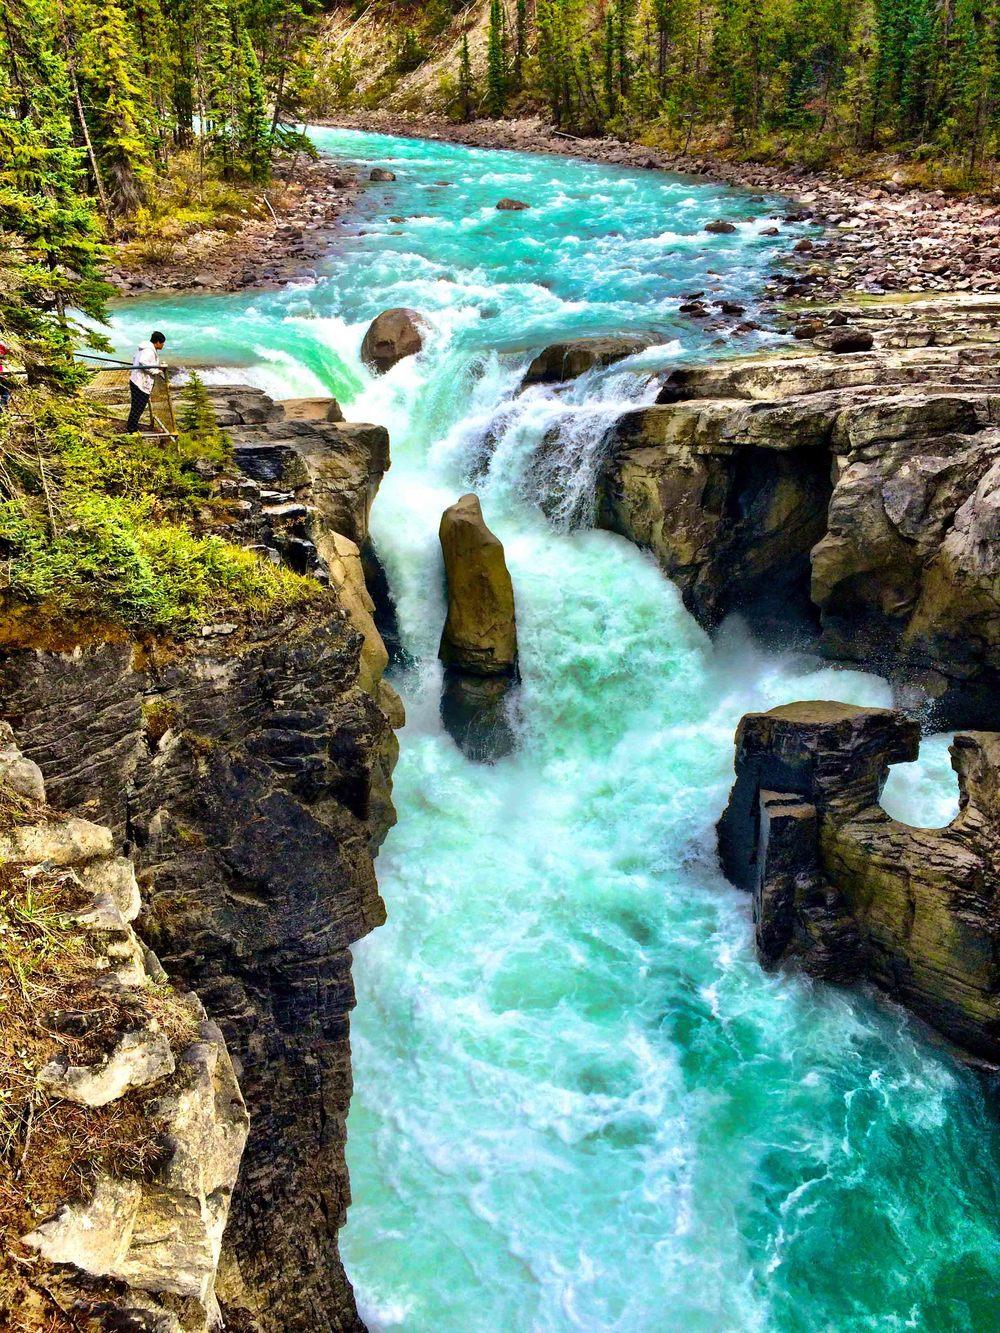 Jasper National Park, Canada, September 2015